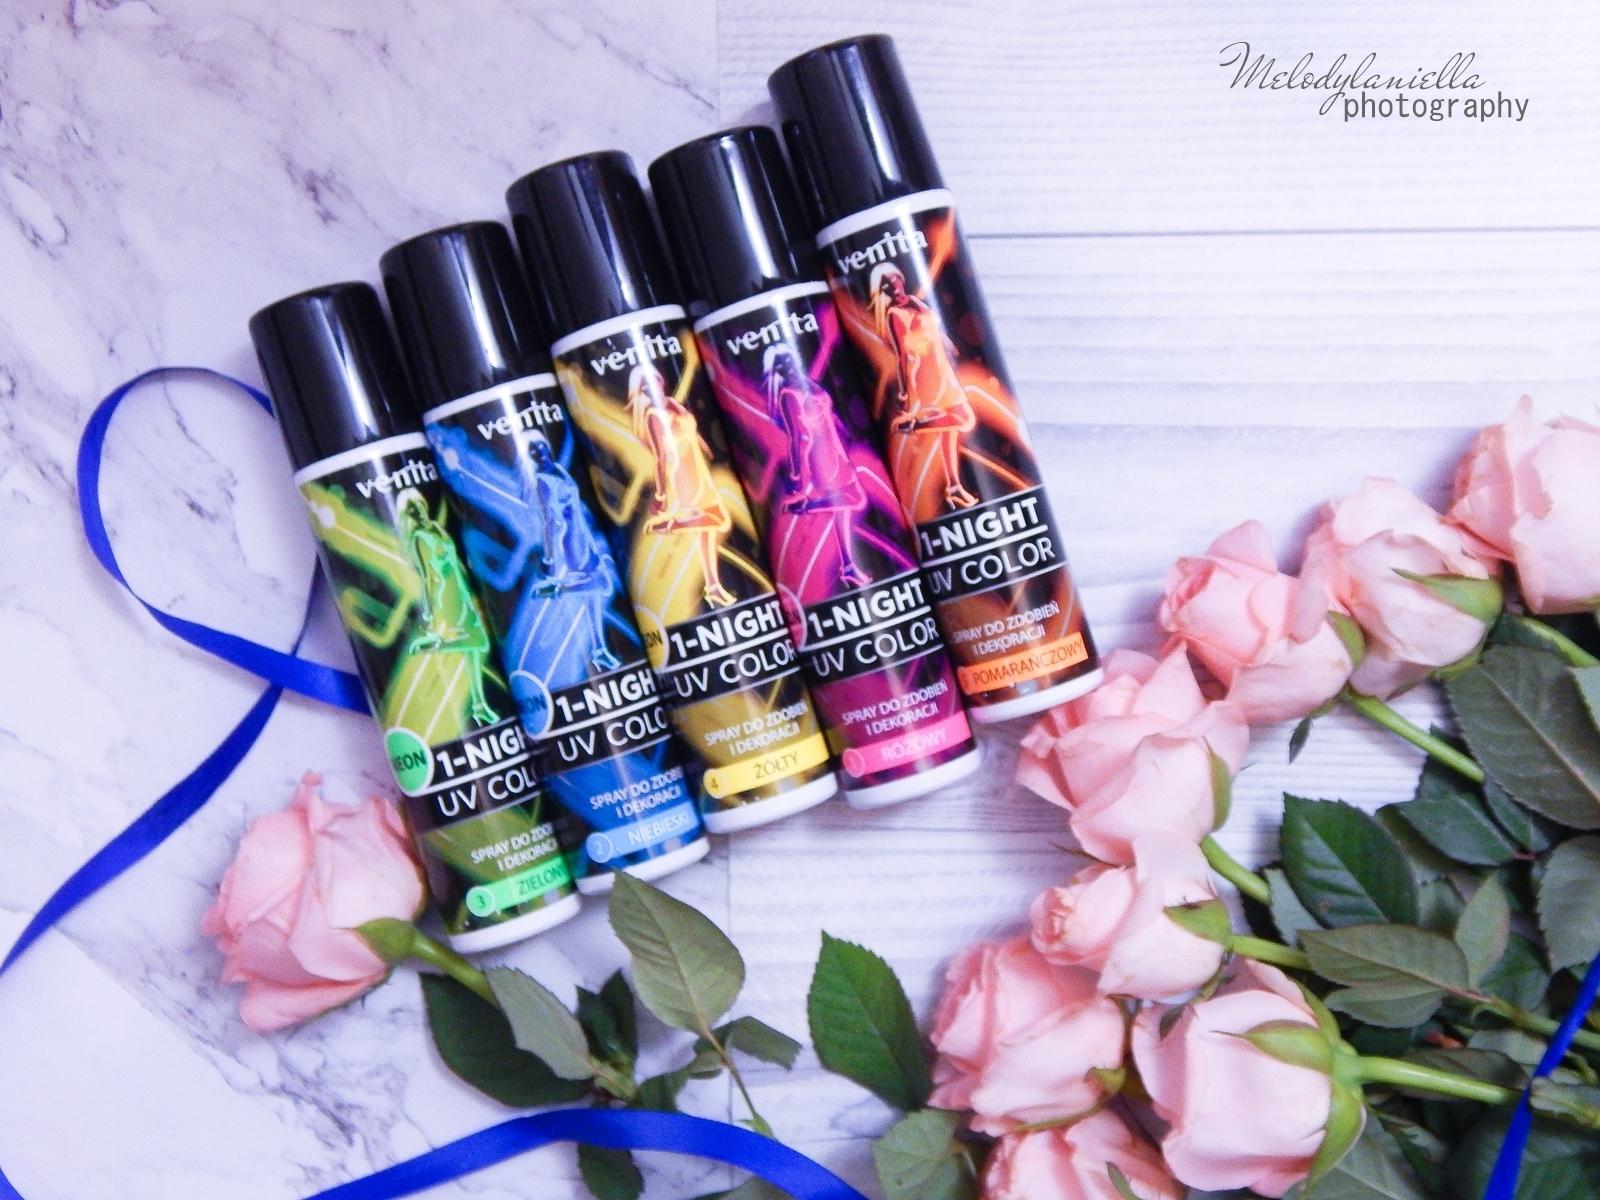 9 venita trendy cream ultra farba recenzja opinie trendy pastel mousse color ombre na czarnych ciemnych włosach fryzury ombte fryzury do szkoły srebrne włosy różowe włosy niebieskie włosy zmywalne ombre półtrwa